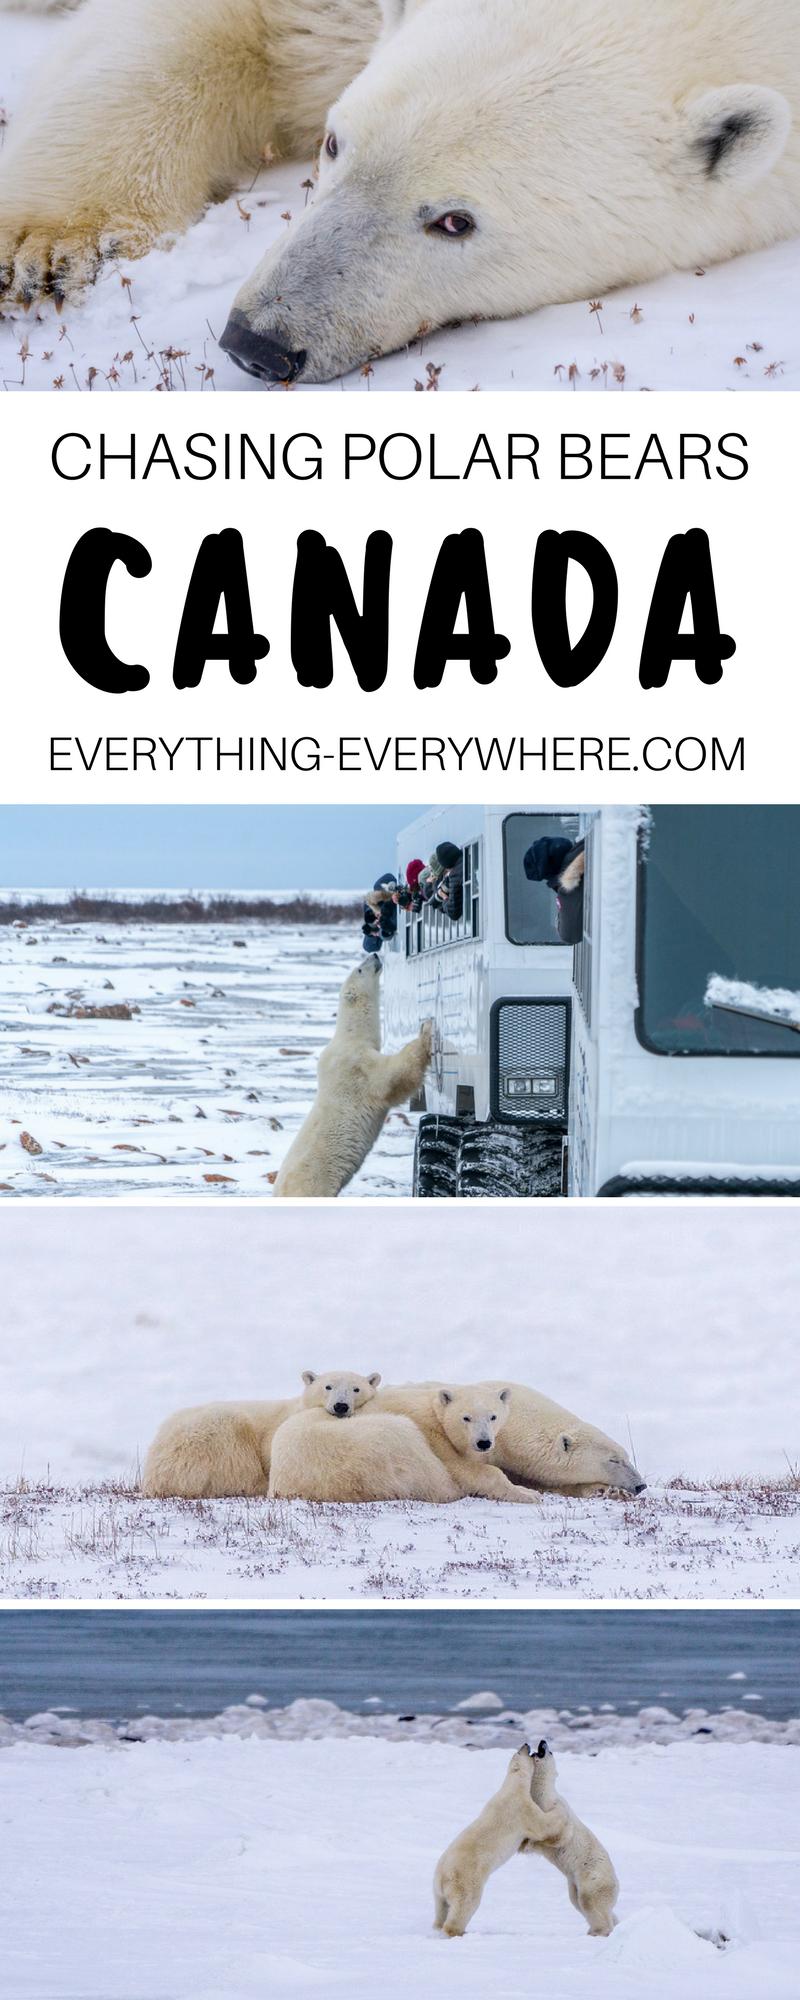 The Polar Bears Of Cape Churchill Canada Travel Polar Bear Canada Travel Guide